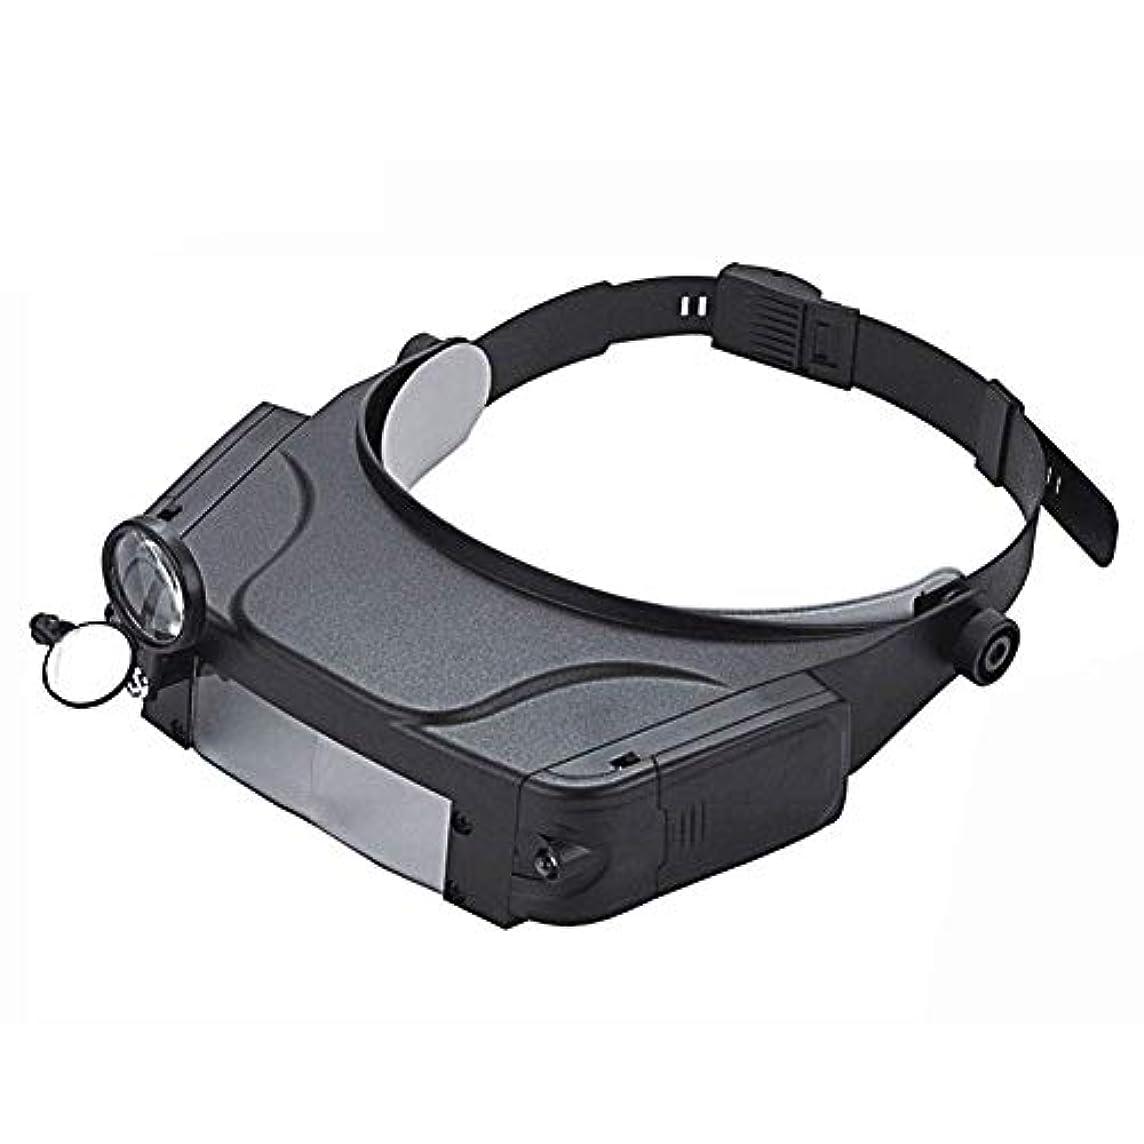 エゴマニア東ティモール教えて照明付きヘッドセット拡大鏡、1.5倍、3倍、6.5倍、8倍、2 Ledライト付きヘッドフリー拡大鏡、電子機器用まつげクラフトジュエリーサーキット時計修理